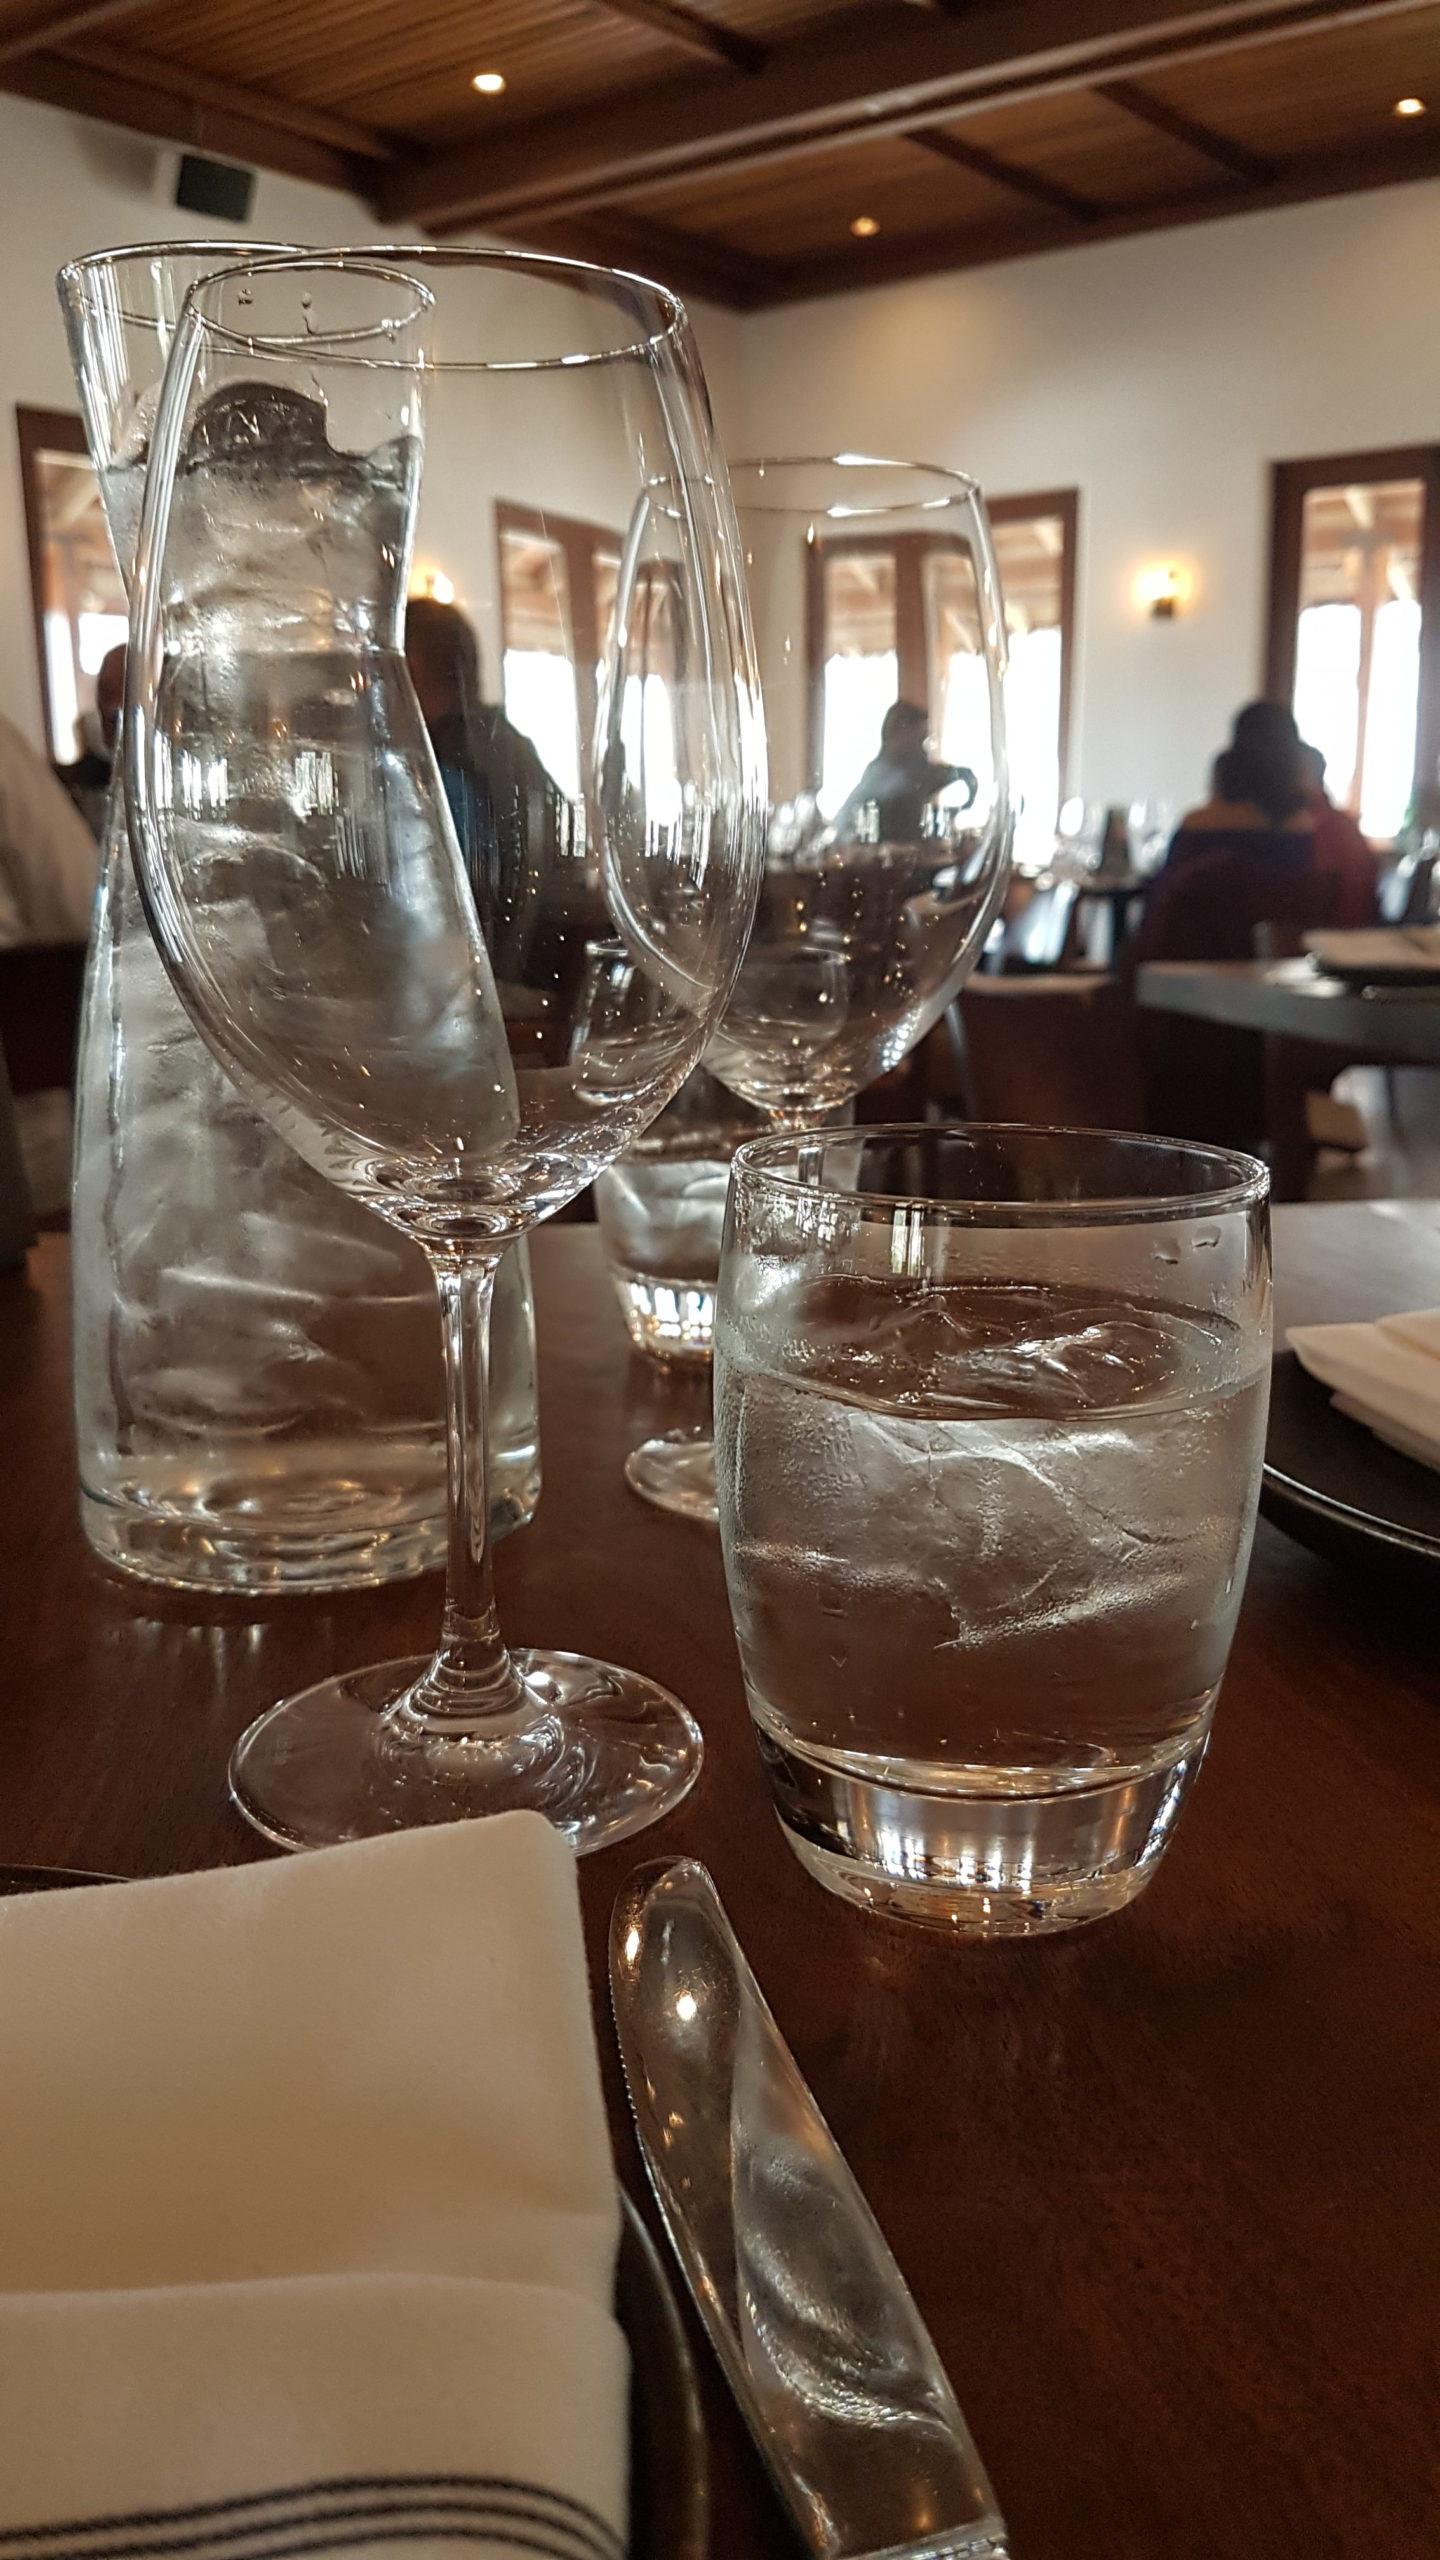 Wente winery Livermore Californie Comme très souvent ici il y a beaucoup de glaçons dans l'eau.